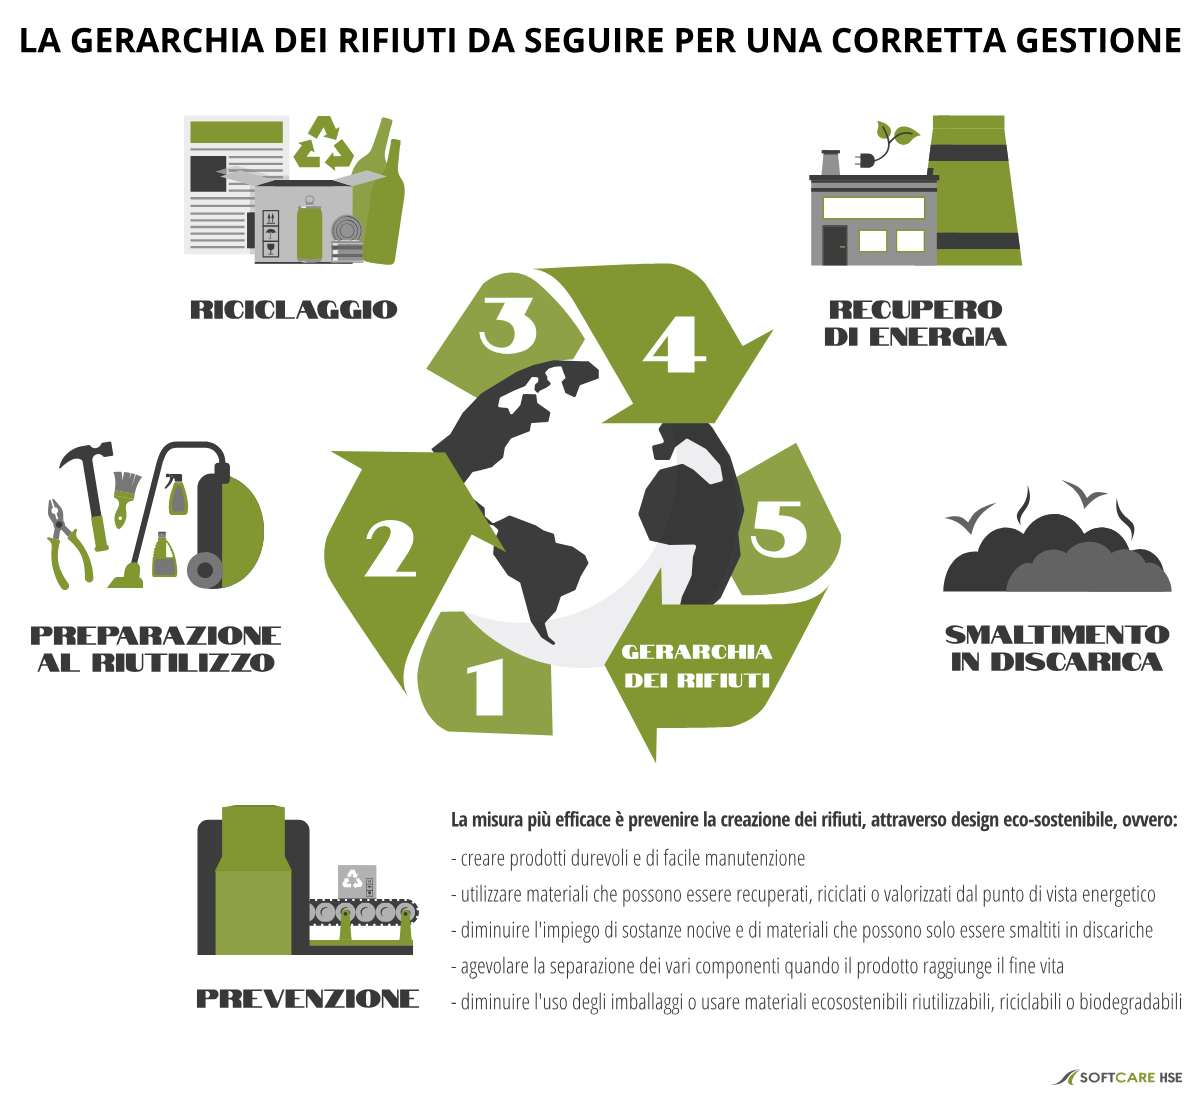 Sistema di gestione ambientale: SoftcareHSE supporta la gestione rifiuti rispettando la gerarchia dei rifiuti come da d lgs 152 2006